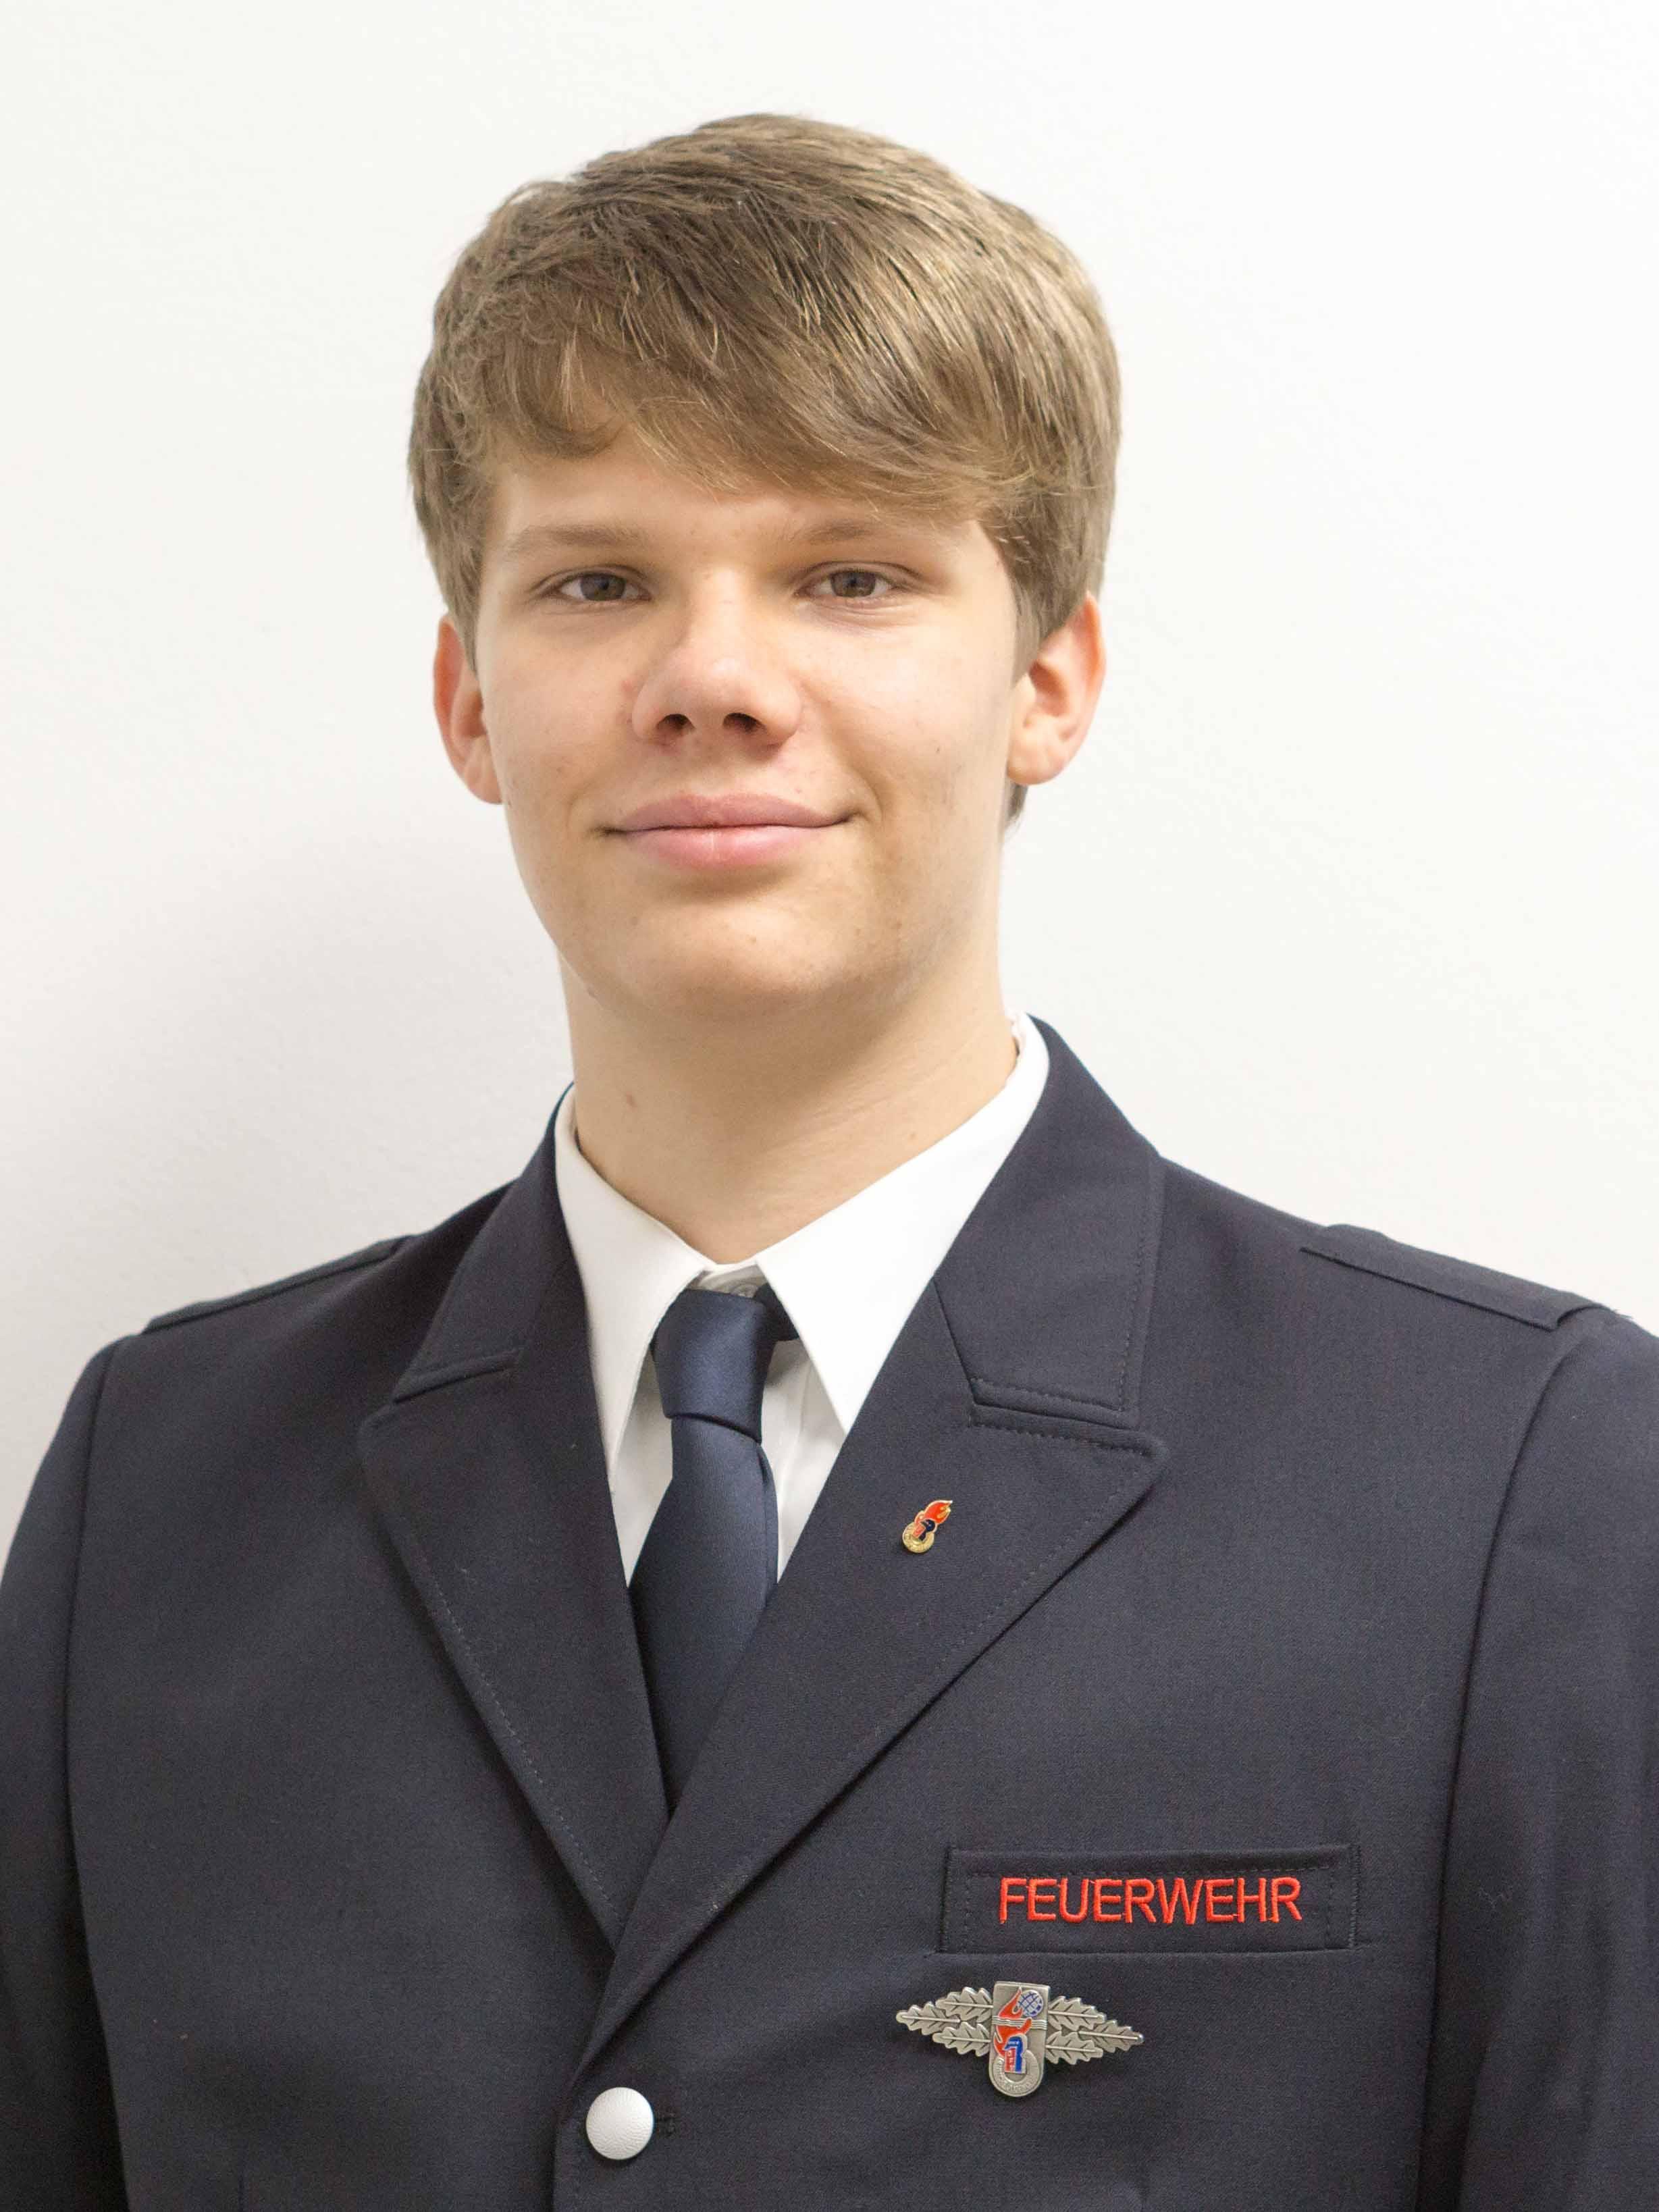 Luca Froböse